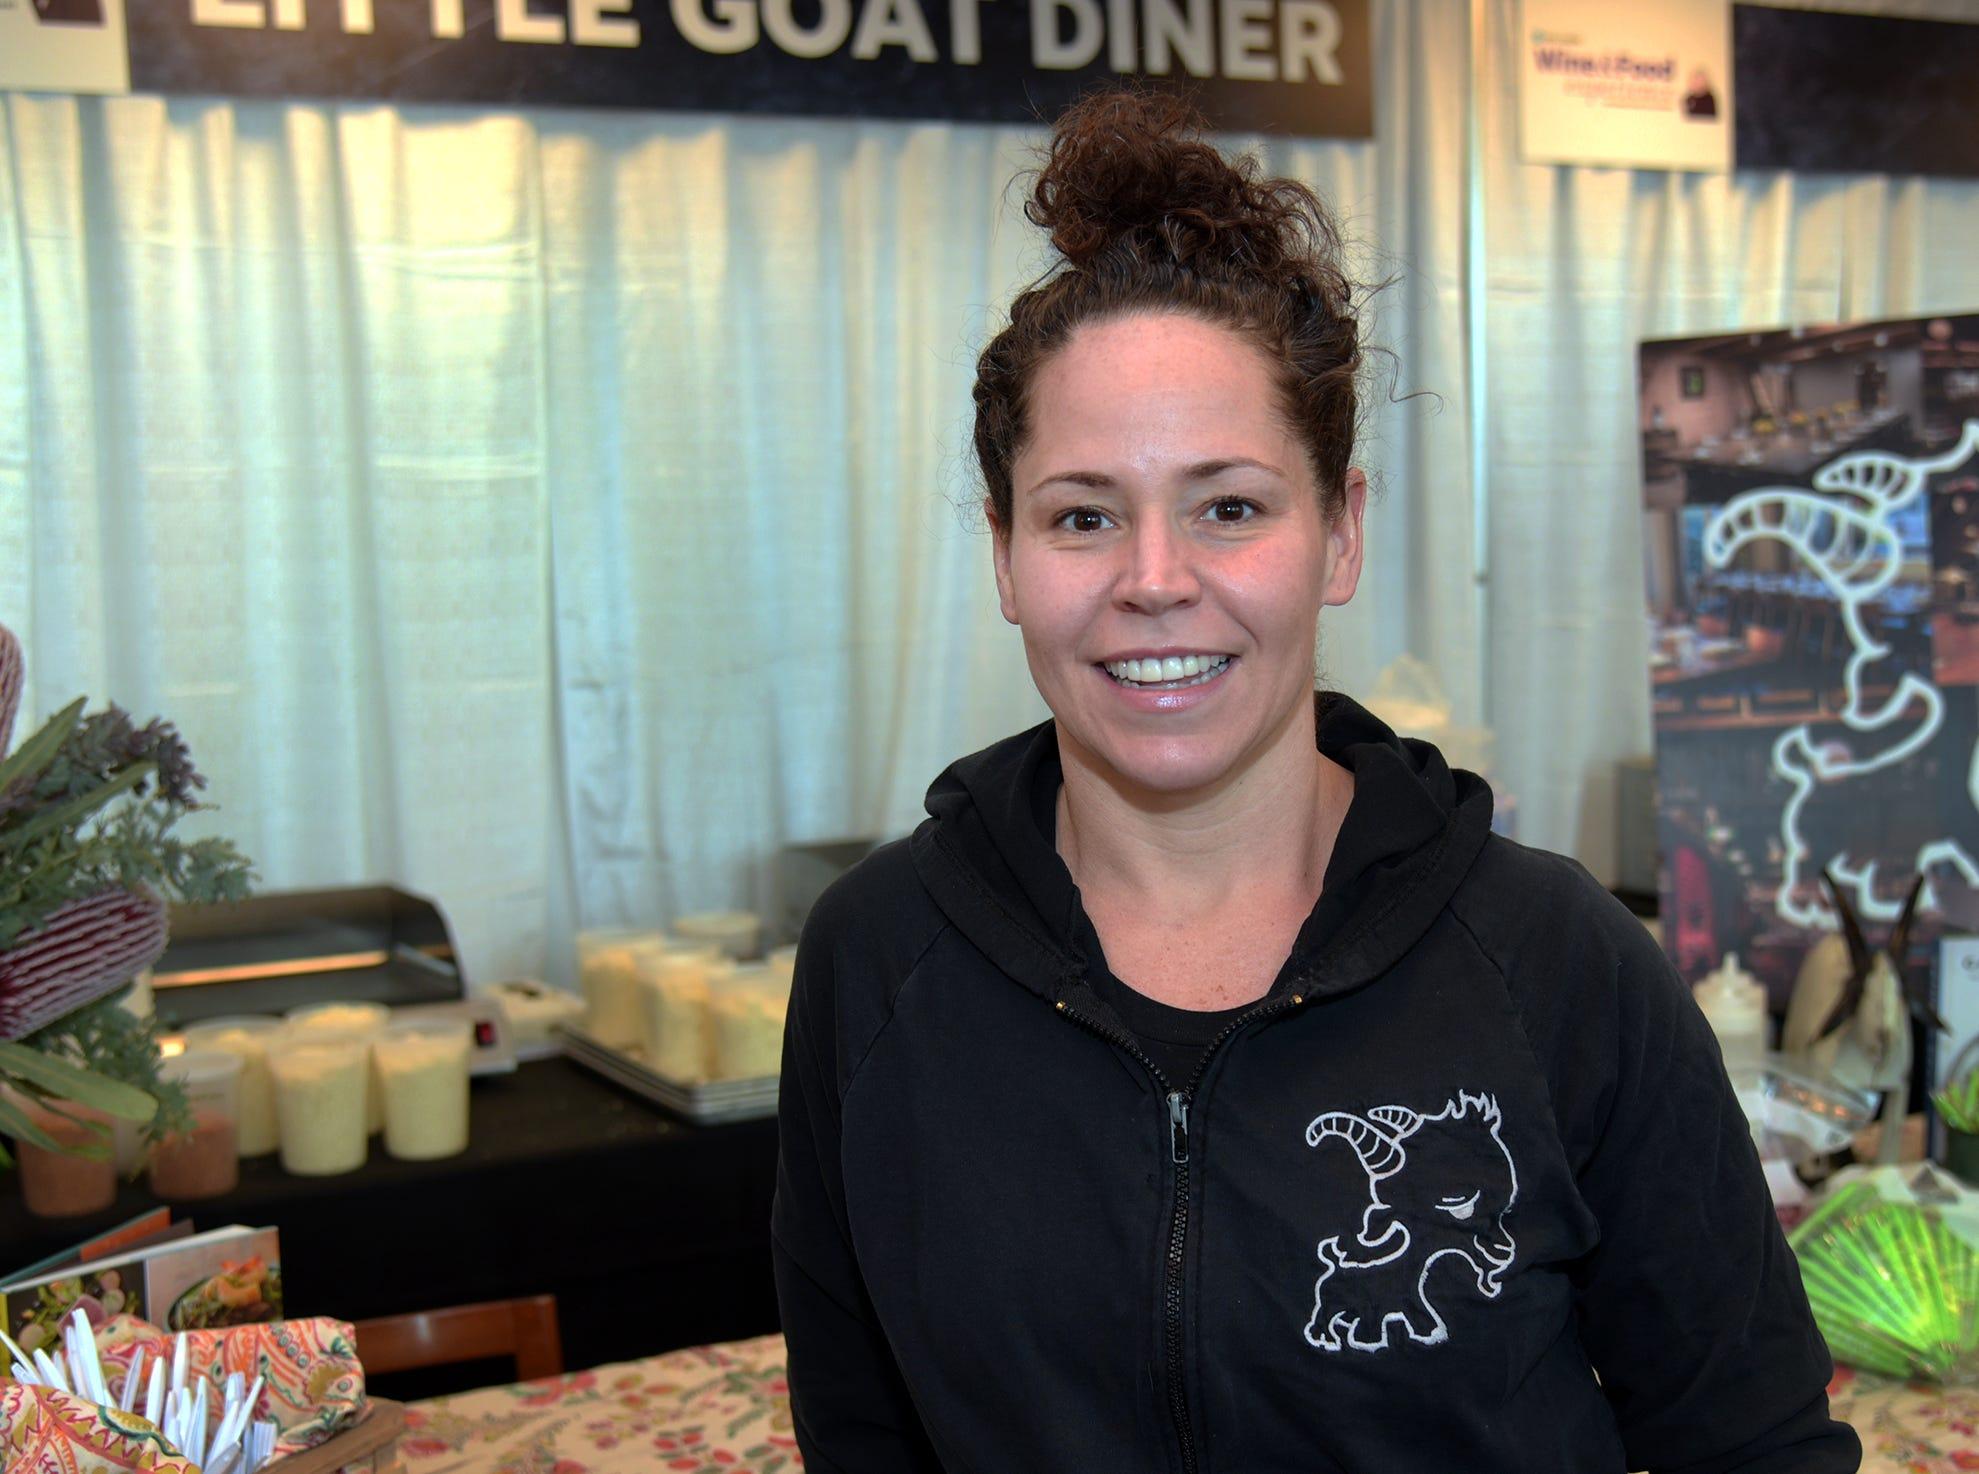 Stephanie Izard Chef, restaurateur, James Beard Award winner, Top Chef winner.